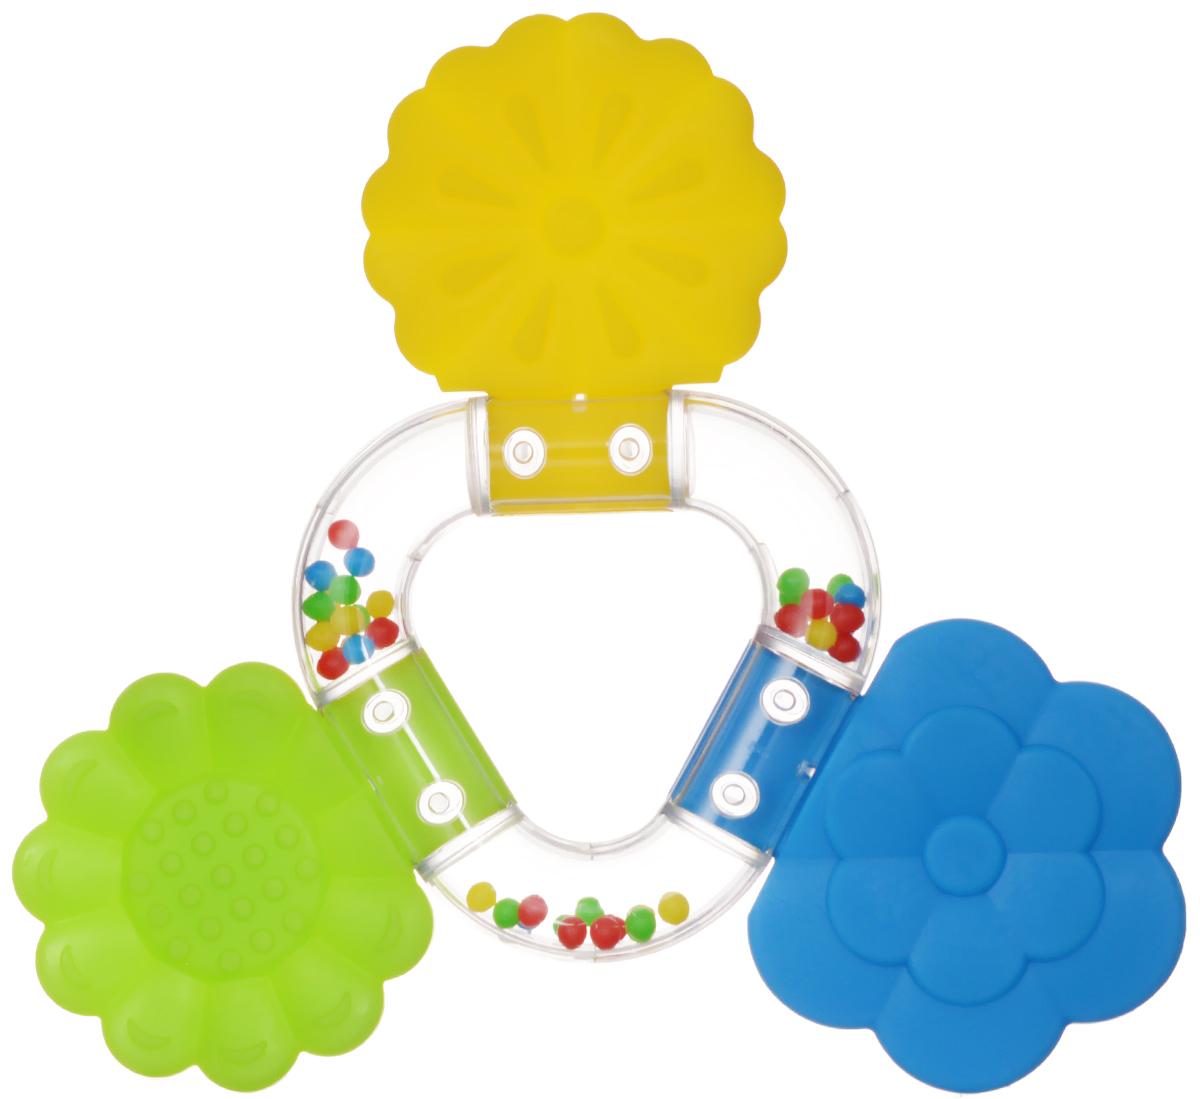 Stellar Погремушка-прорезыватель Букетик цвет синий желтый салатовый01563_салатовый, желтый, синийПрорезыватель - одна из важных игрушек на этапе младенчества. Он помогает разрабатывать жевательные навыки и мимику. Погремушка-прорезыватель Stellar Букетик - яркая и интересная игрушка, которая займет малютку на долгое время, а вам позволит отдохнуть. Центральная часть игрушки наполнена цветными шариками, которые весело шумят при встряхивании. Малыш с удовольствием будет исследовать новую форму, наслаждаясь красивыми цветами.